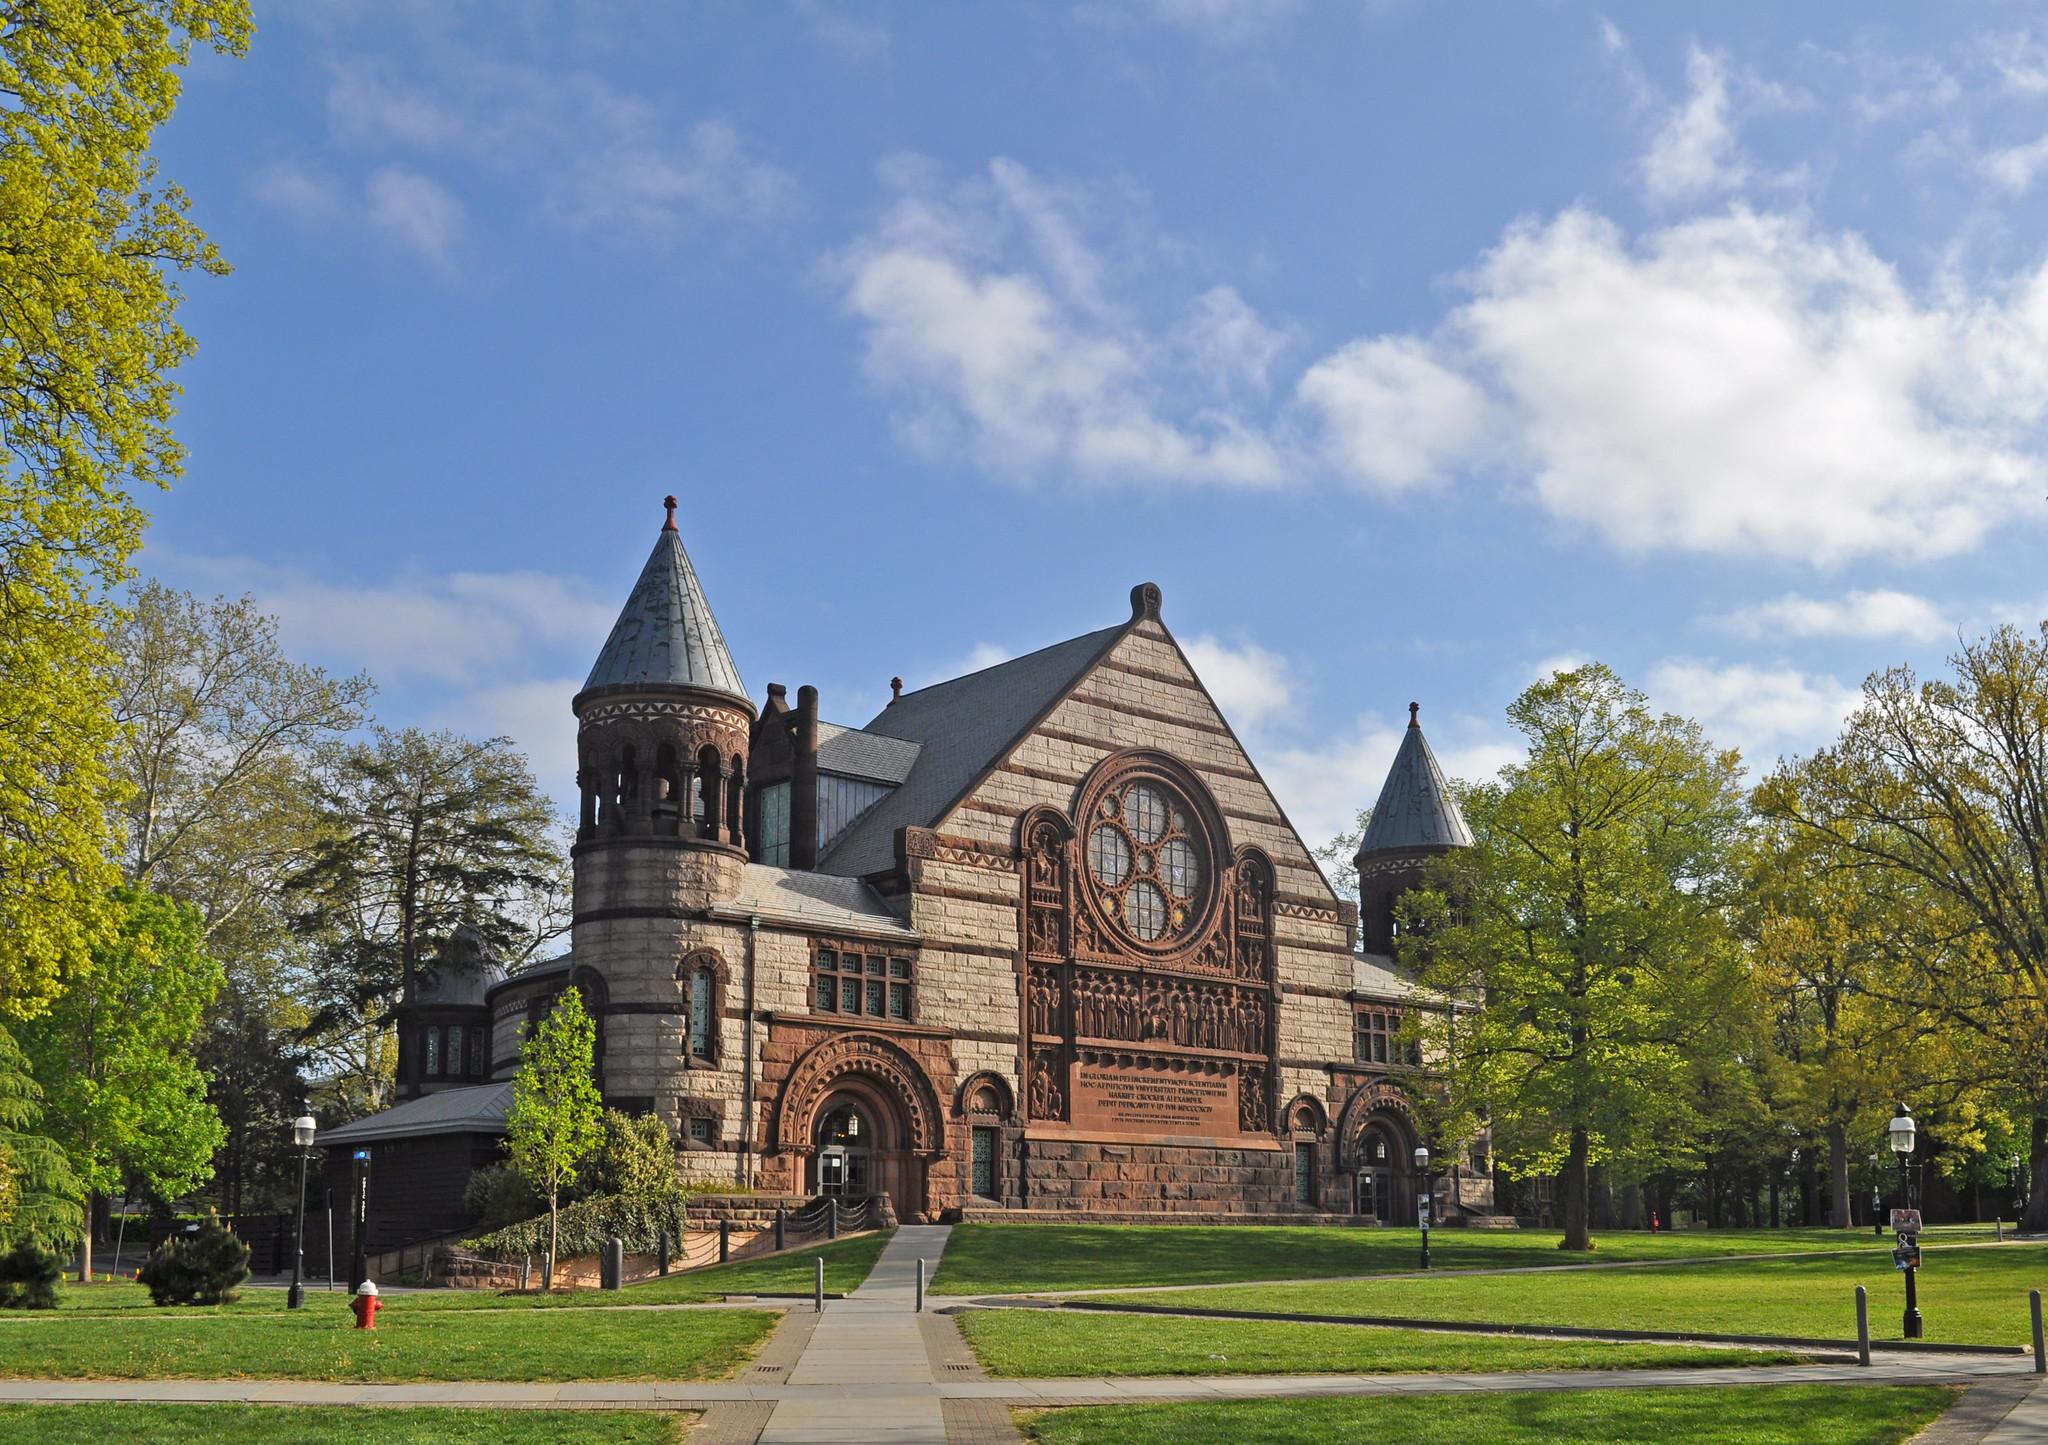 USA - New Jersey - Princeton University